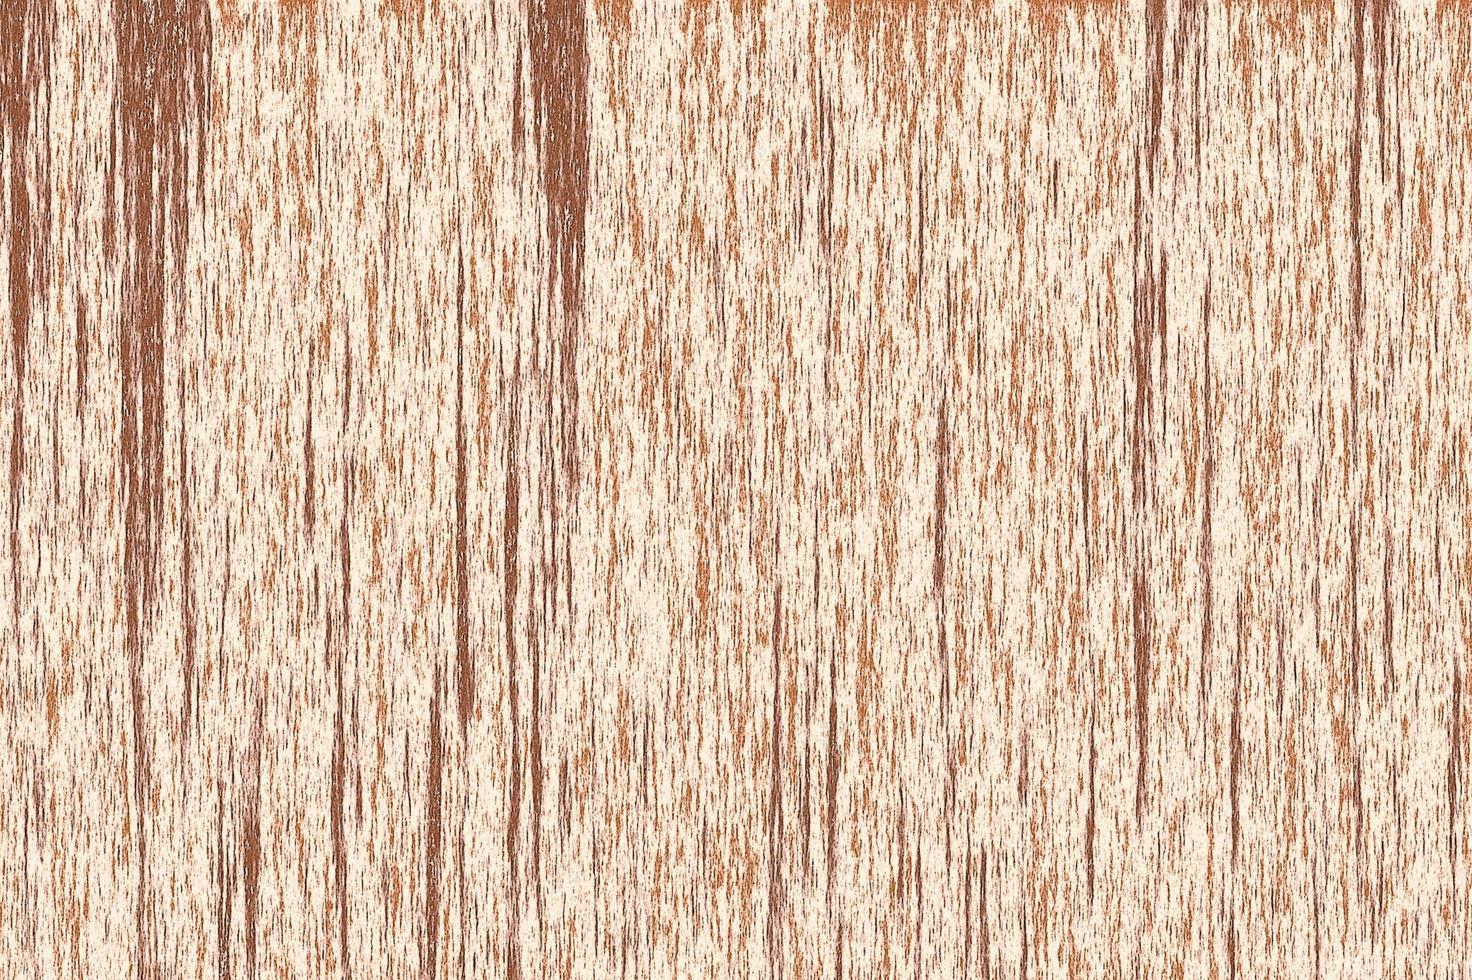 fond d'art numérique marron en bois photo